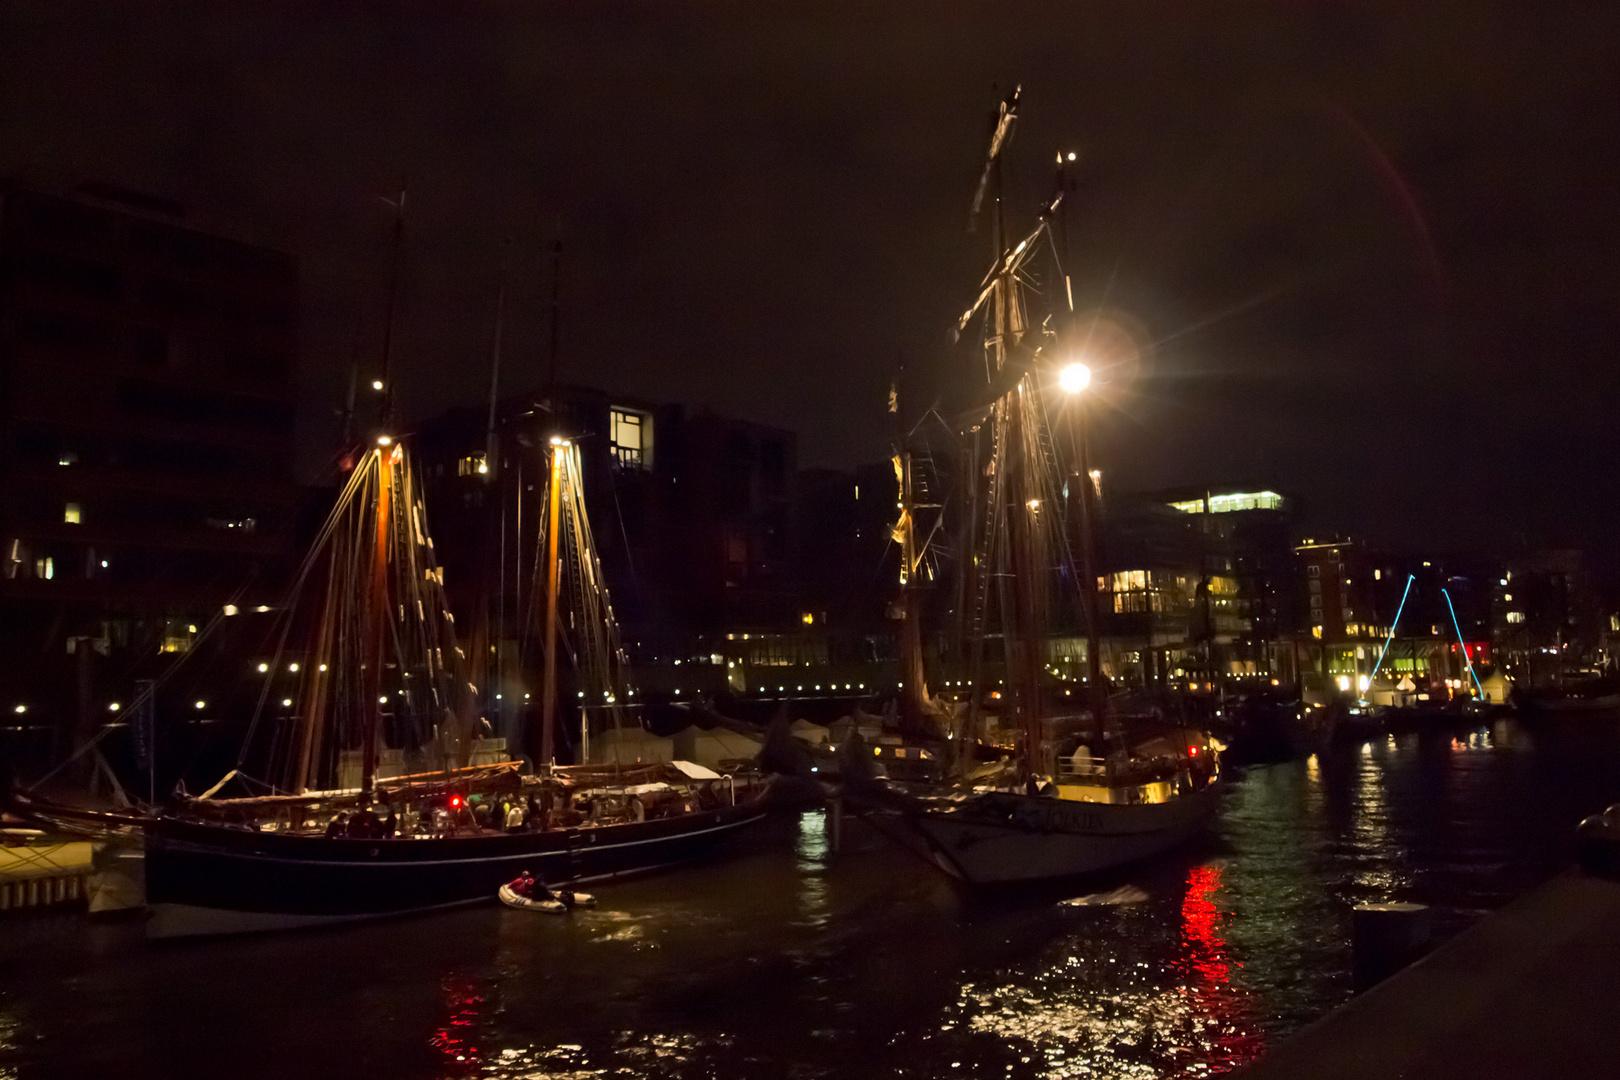 Traditionshafen Hafengeburtstag Hamburg